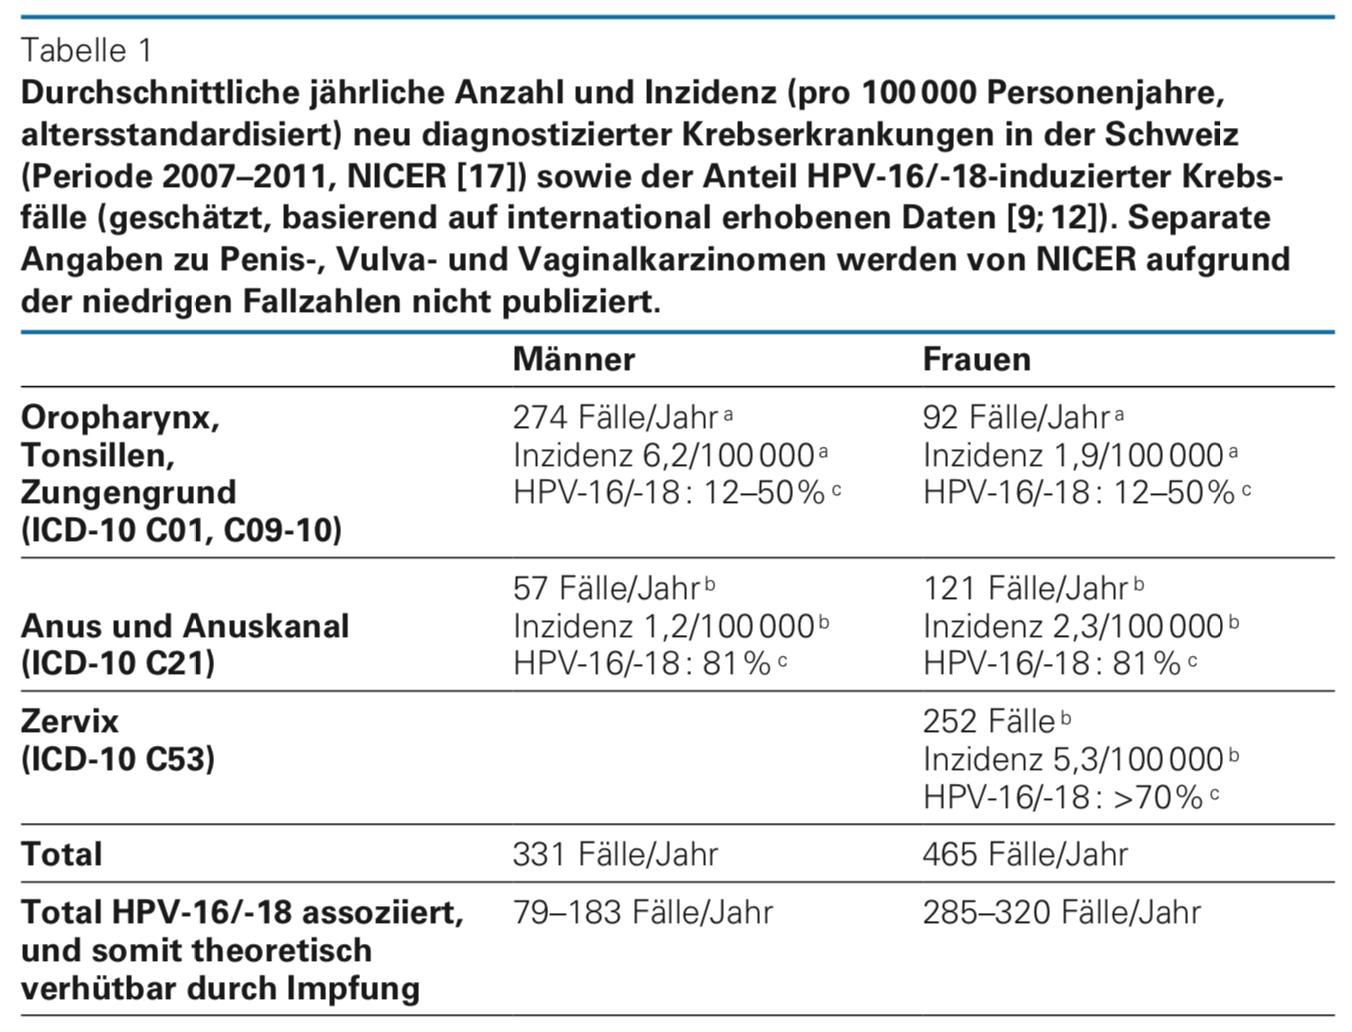 hpv vírus wahrscheinlichkeit krebs